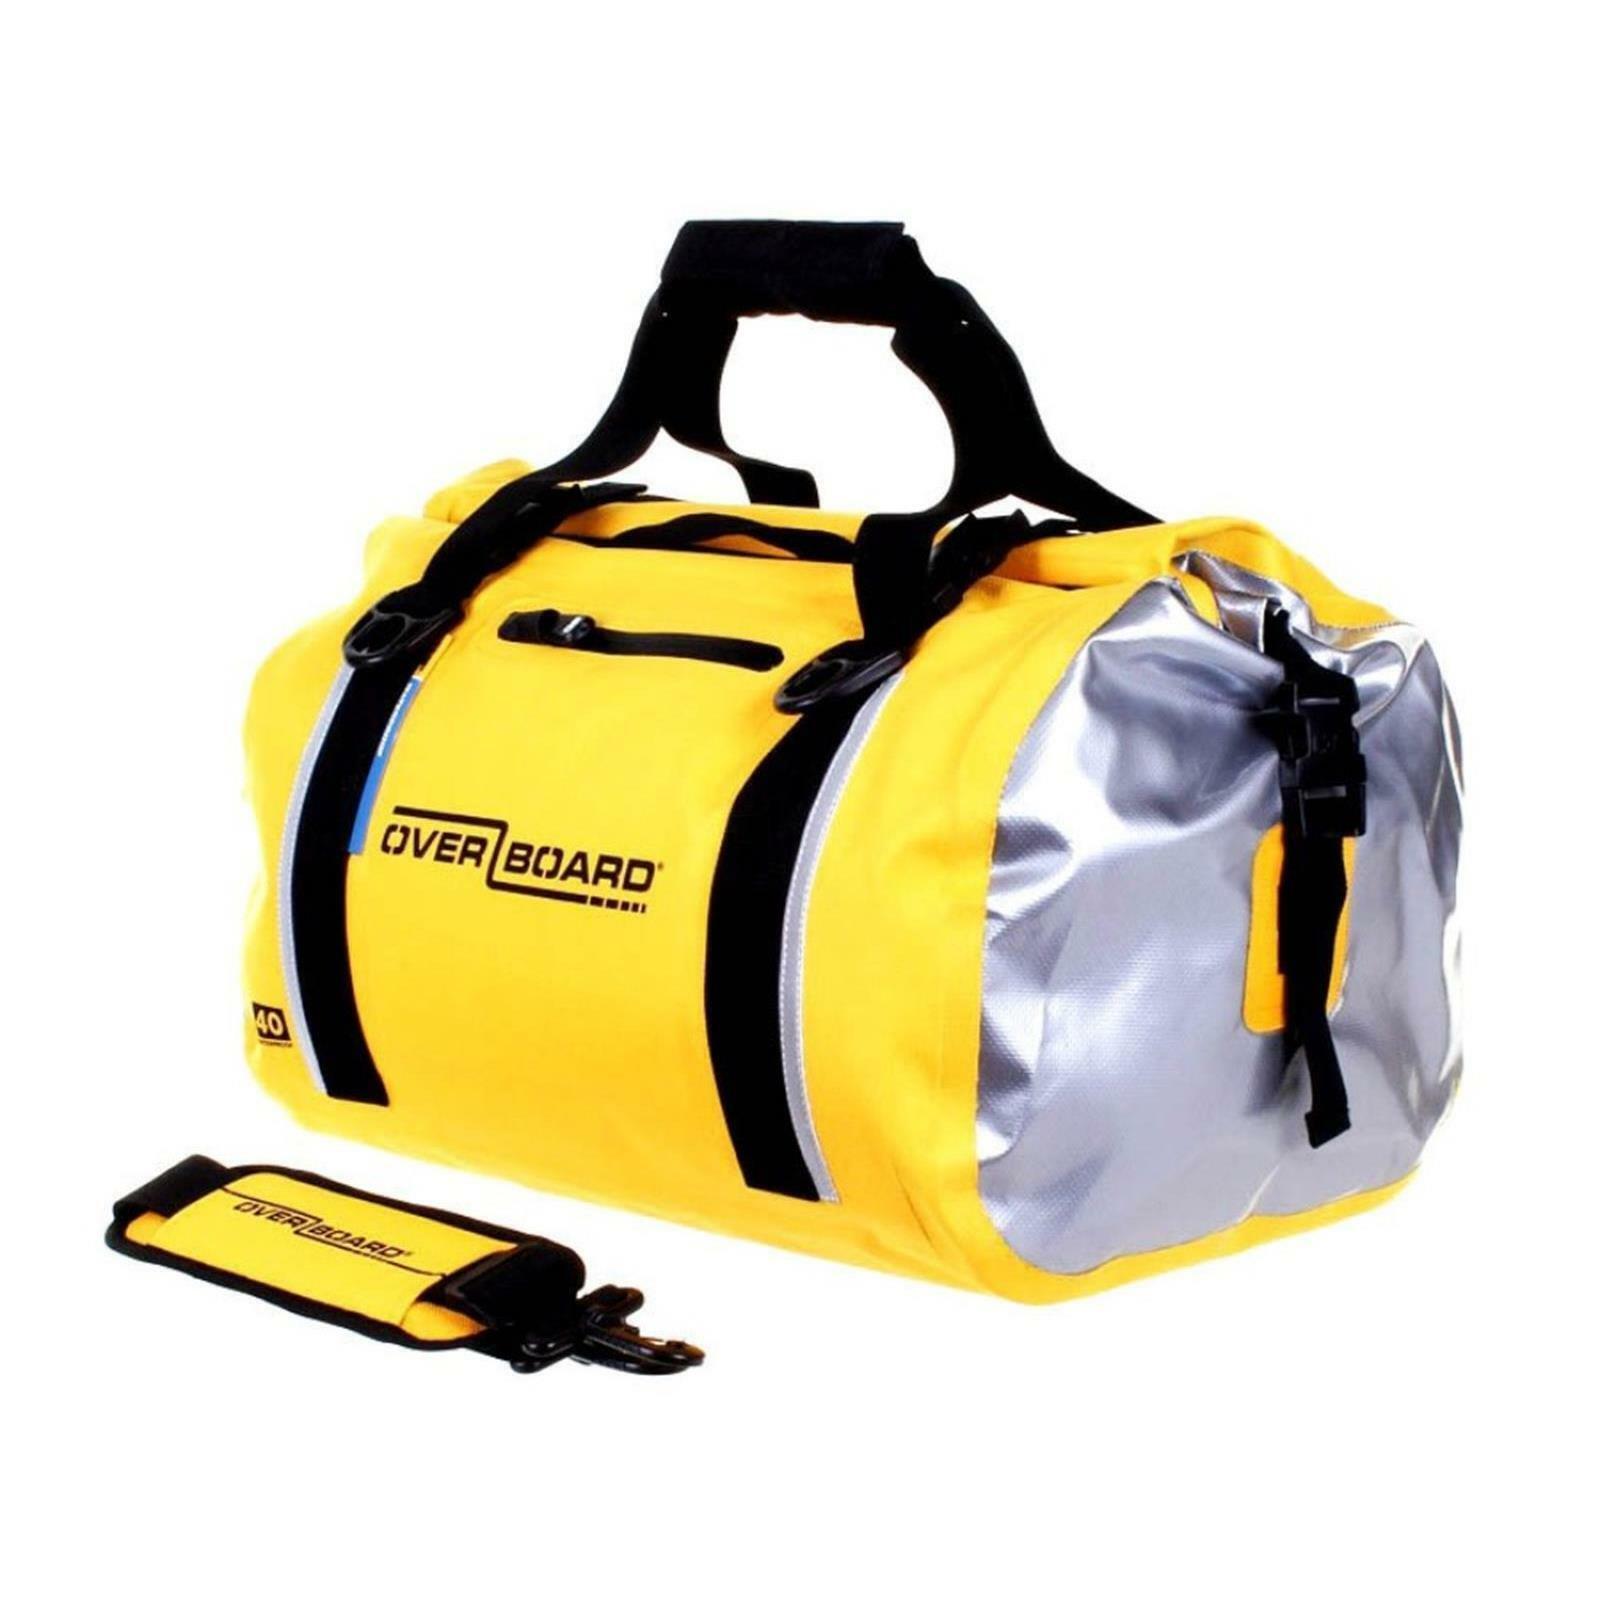 Overboard Impermeabile Duffle Bag 40 LITRI Giallo Borsa sportiva borsa da viaggio